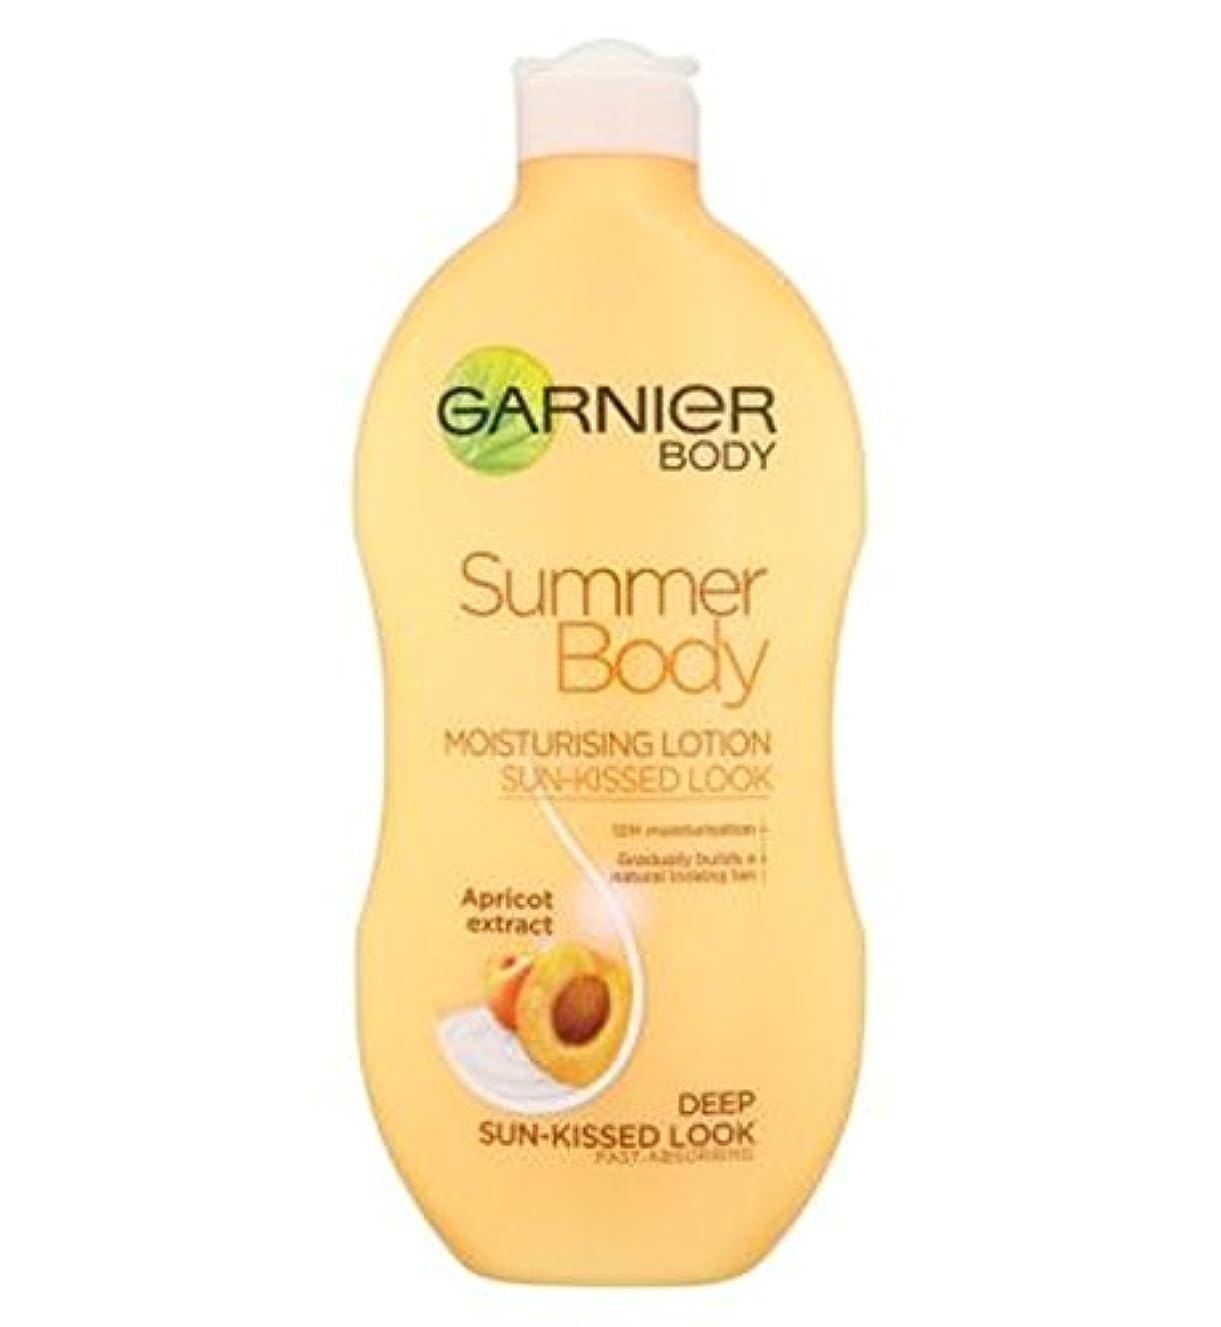 反抗死にかけている温室Garnier Summer Body Lotion Deep Sun-Kissed 400ml - ガルニエの夏のボディローション深い日、キスをした400ミリリットル (Garnier) [並行輸入品]